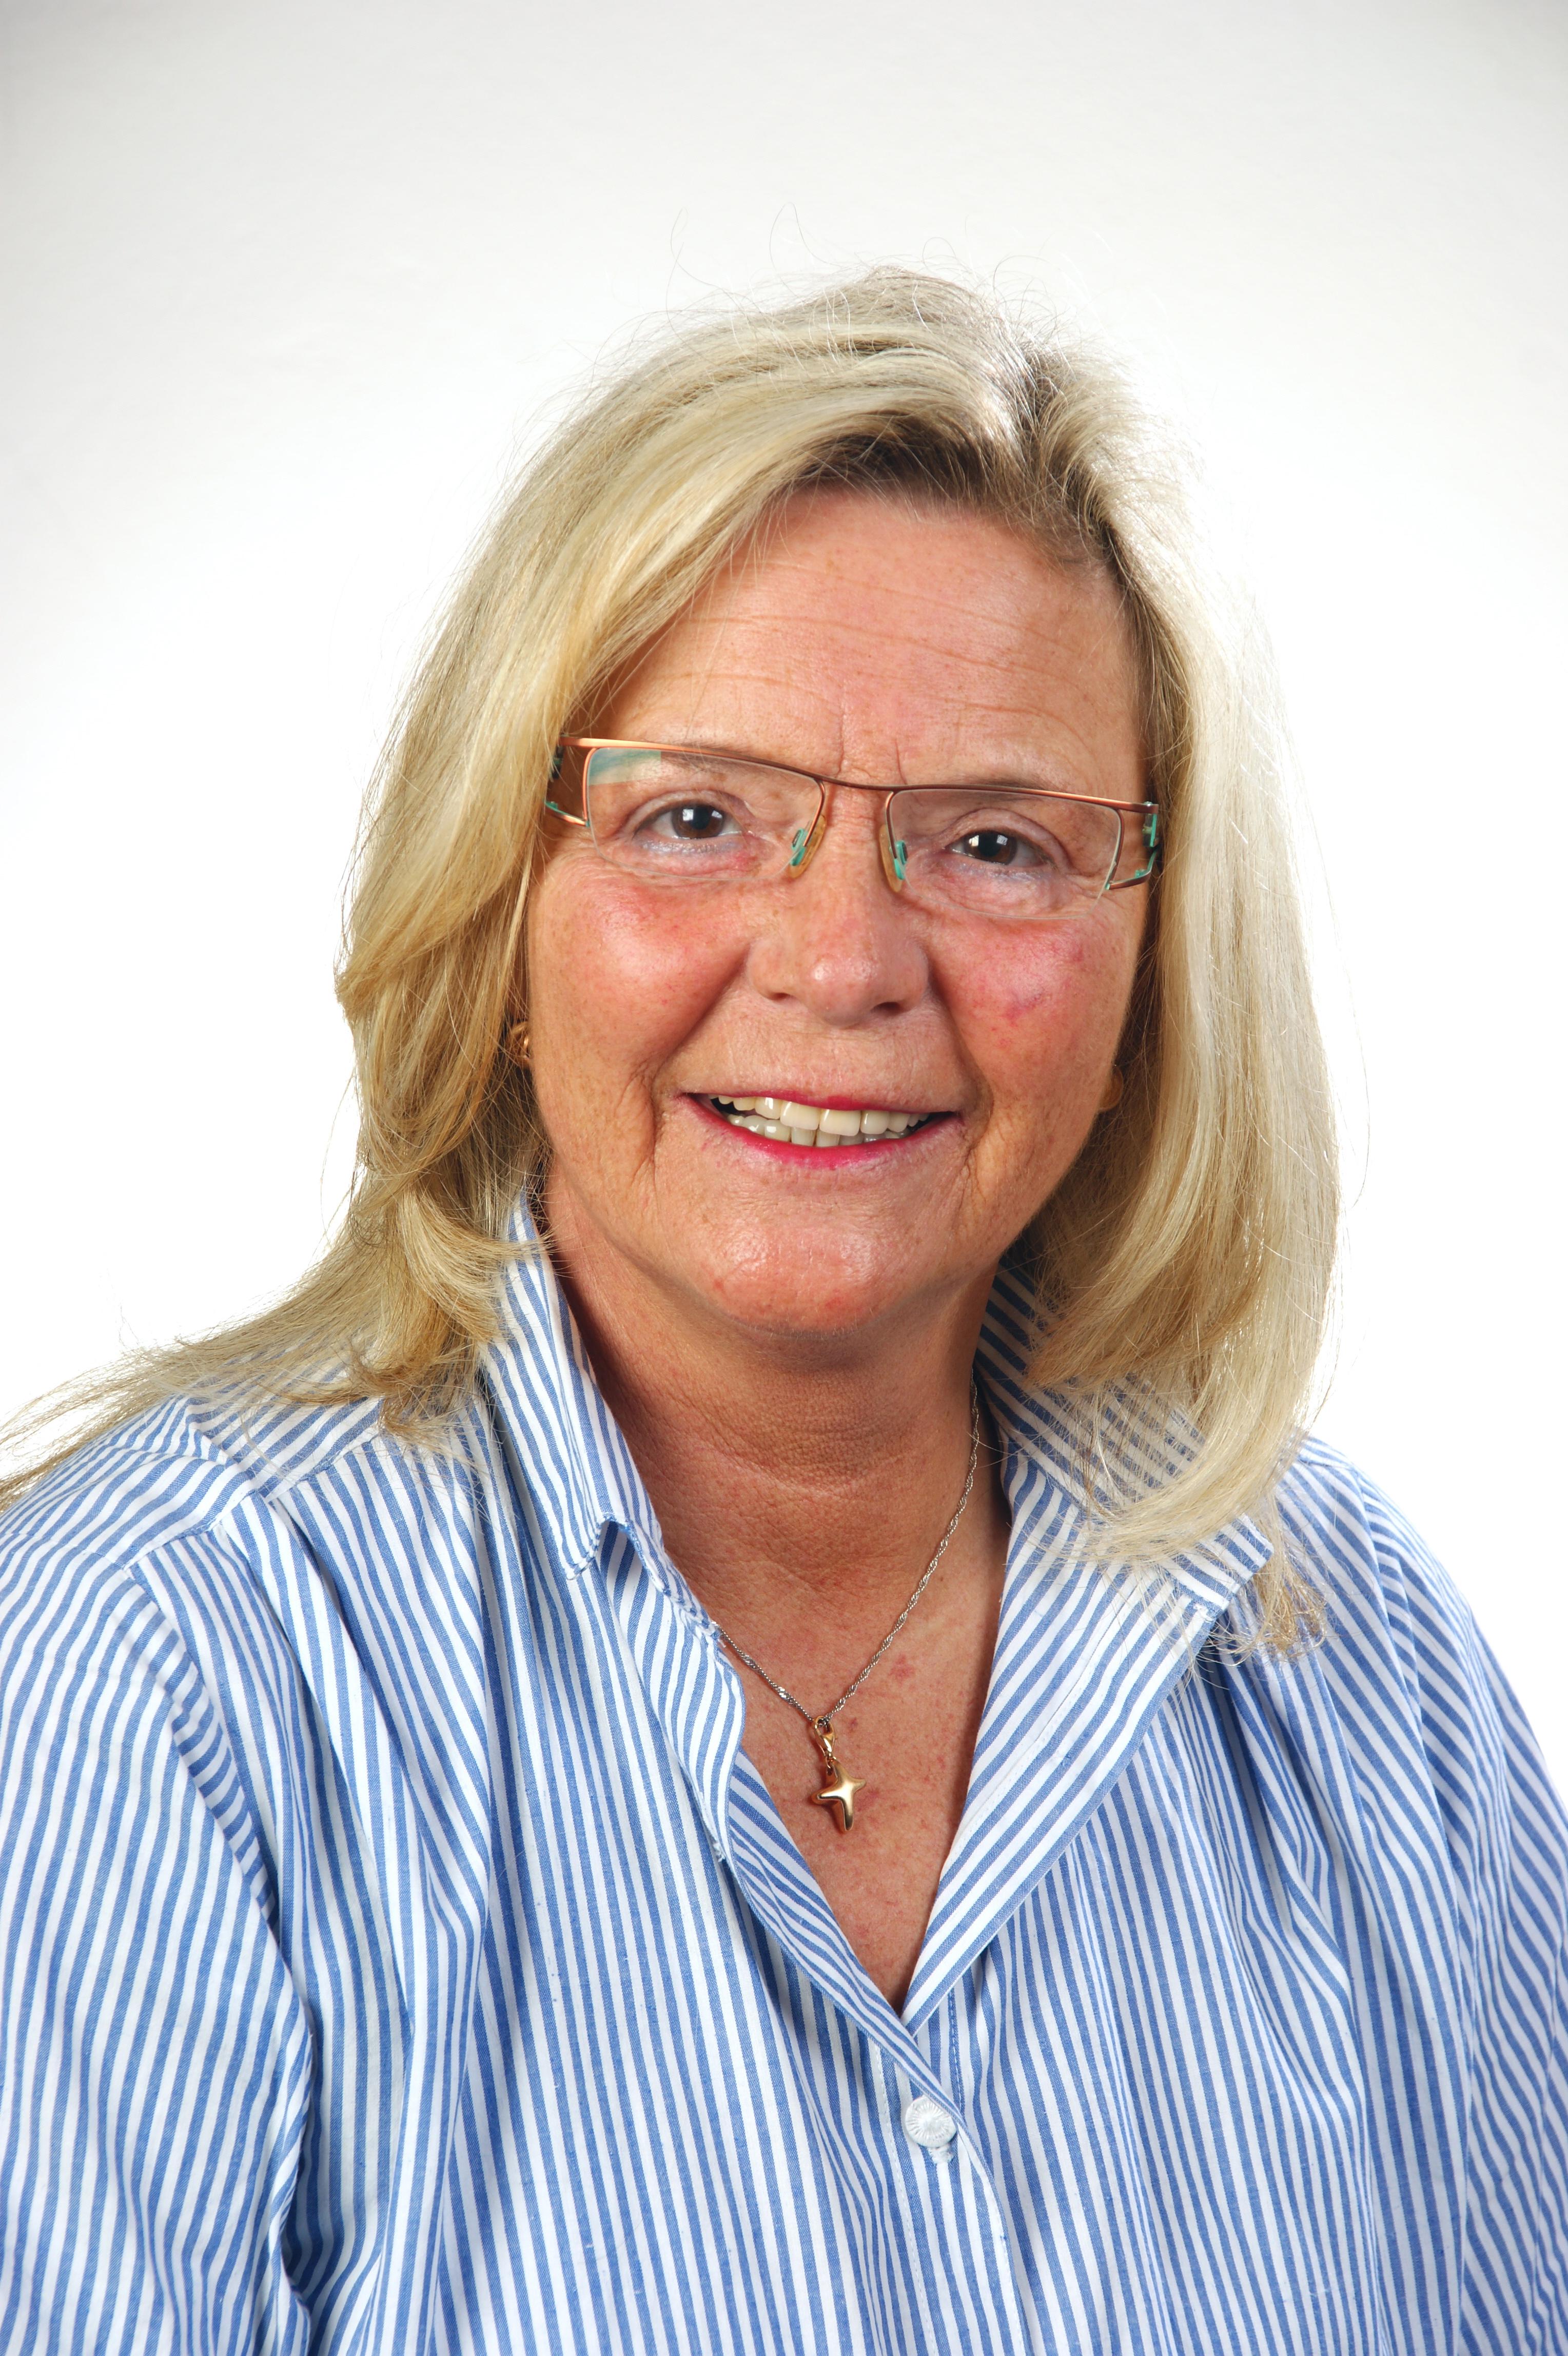 Max Schunke <b>Annette Schröder</b> Vorsitzender und Rechtsanwalt, Sachbearbeiterin - DSC06040_1Guth